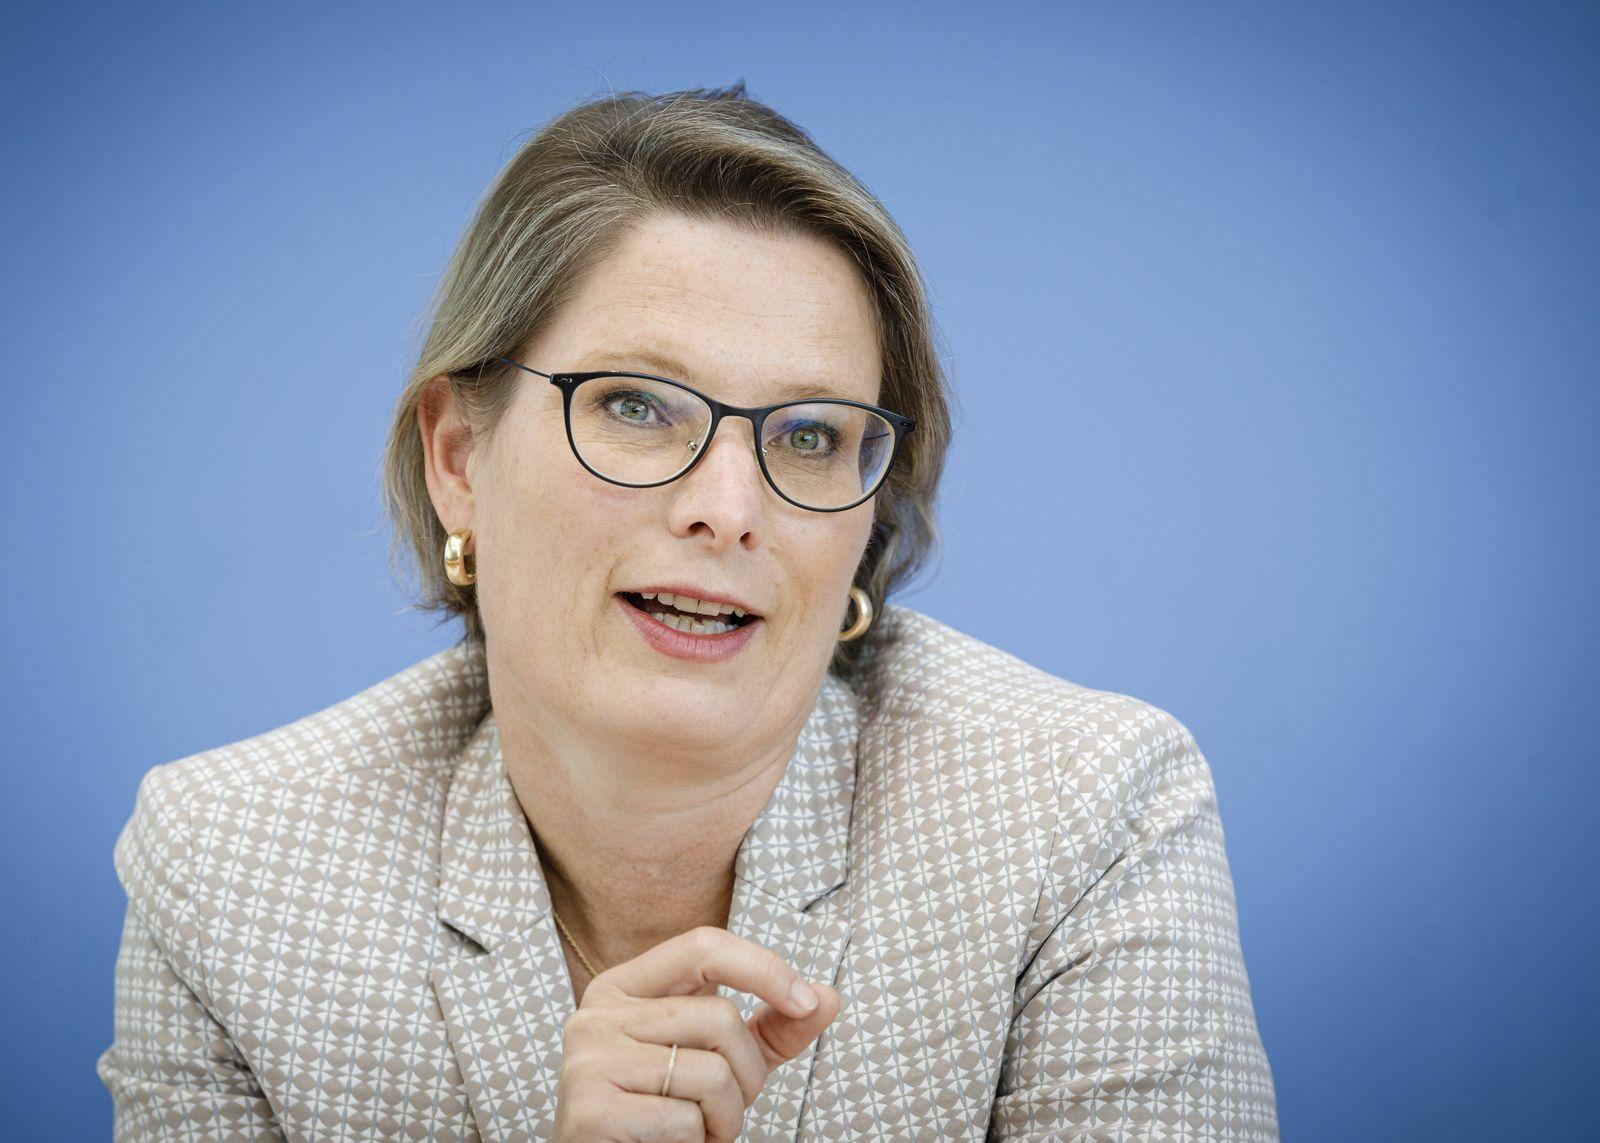 Stefanie Hubig, Ministerin fuer Bildung des Landes Rheinland-Pfalz, Praesidentin der Kultusministerkonferenz (KMK), aufg